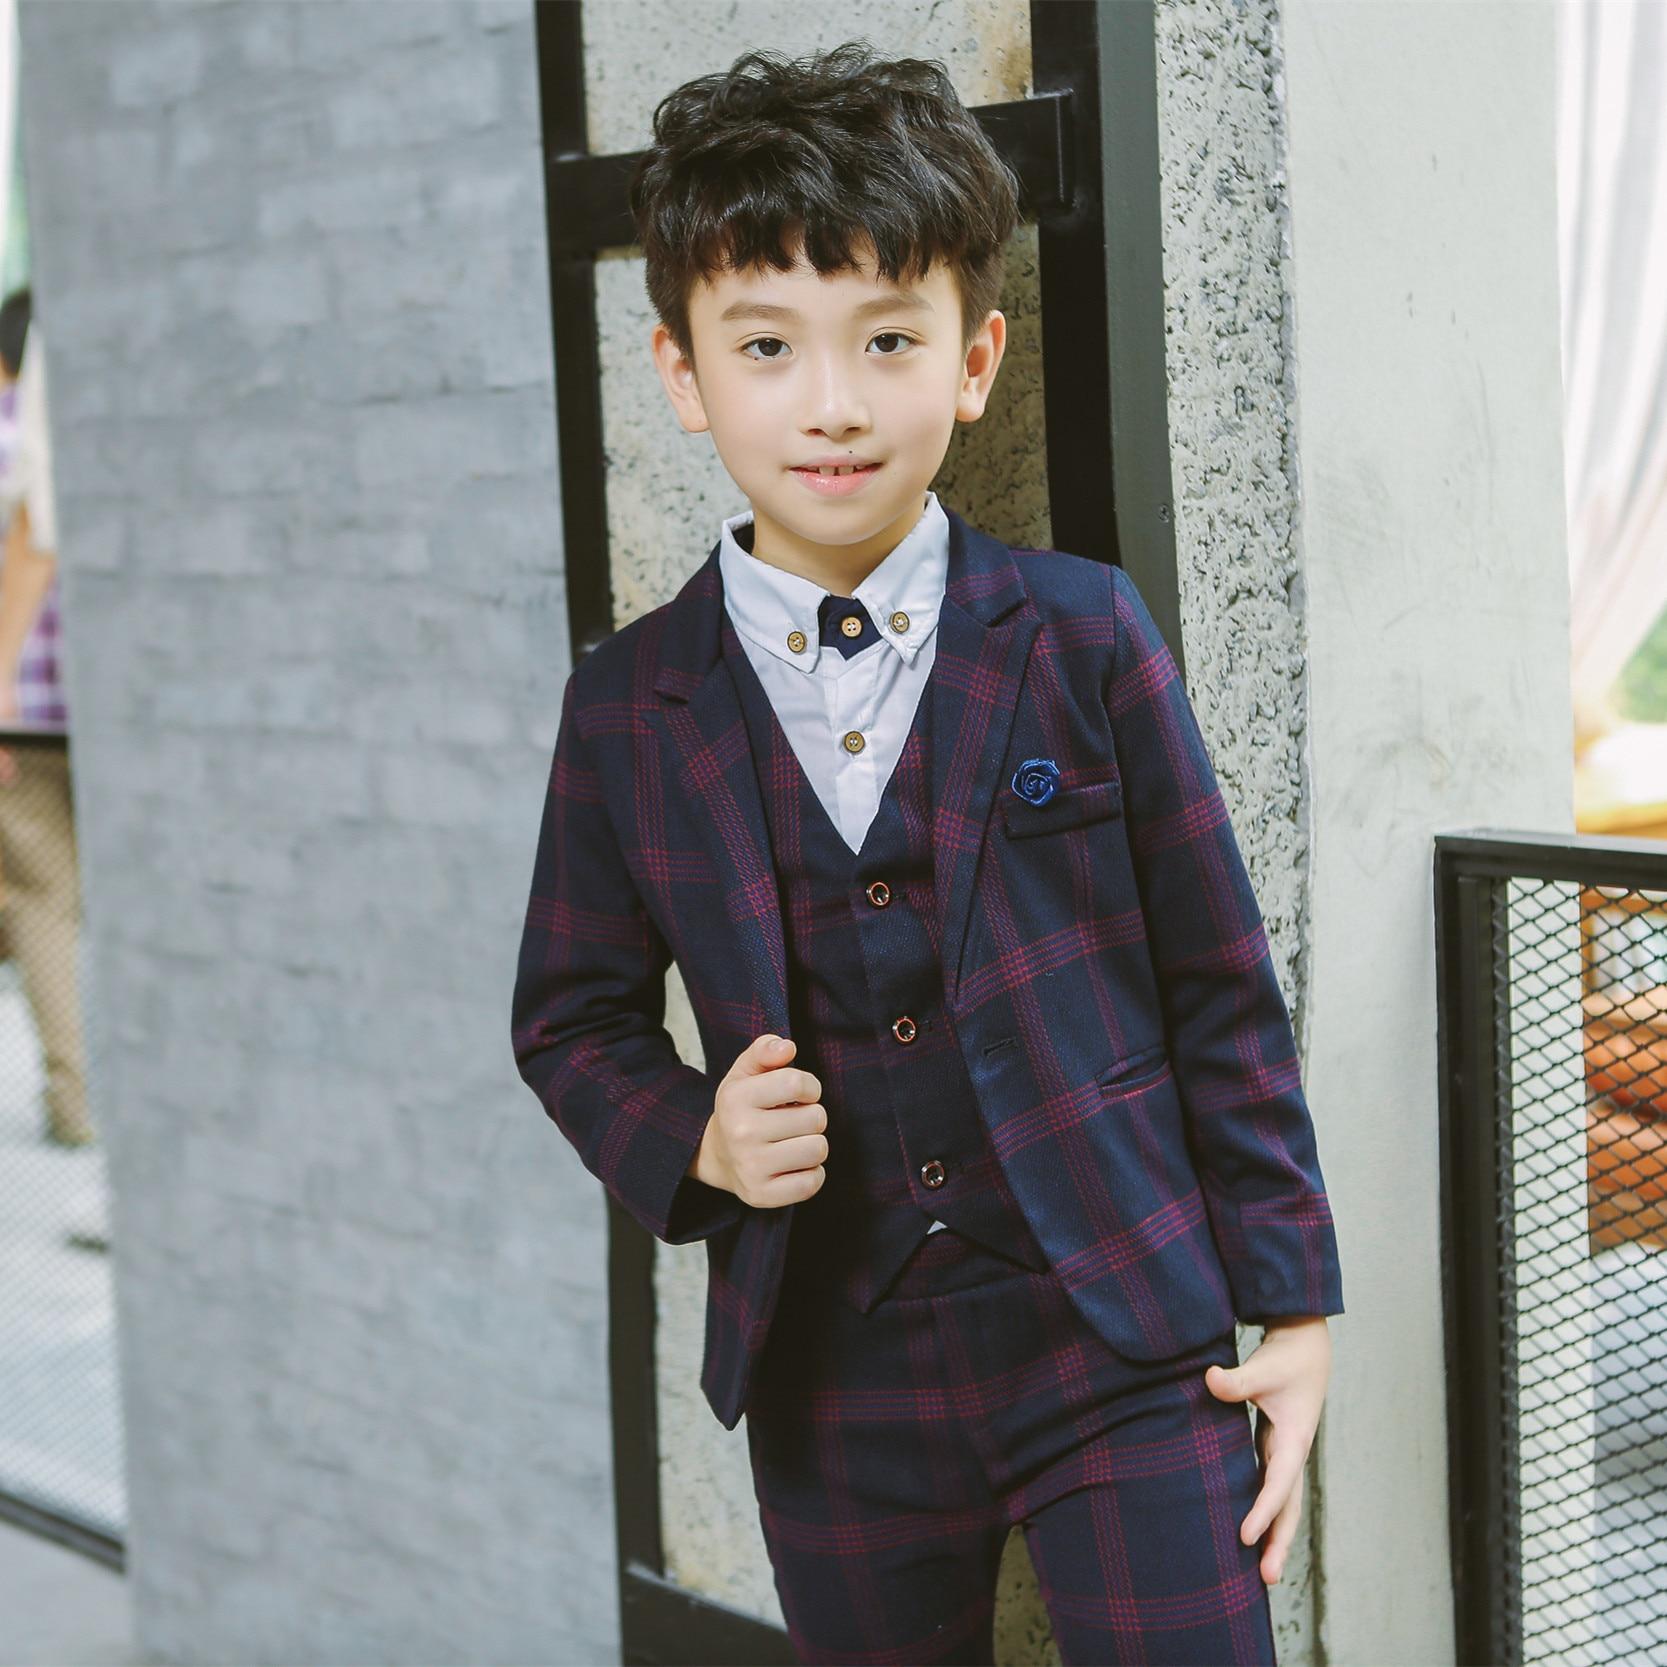 88cb564a3 Boy Tuxedo Kid Formal Suits Boy Blazer Suit Set Children Blazer Jacket Pants  and Vest Plaid Classic Suit for Boy Wedding Suit